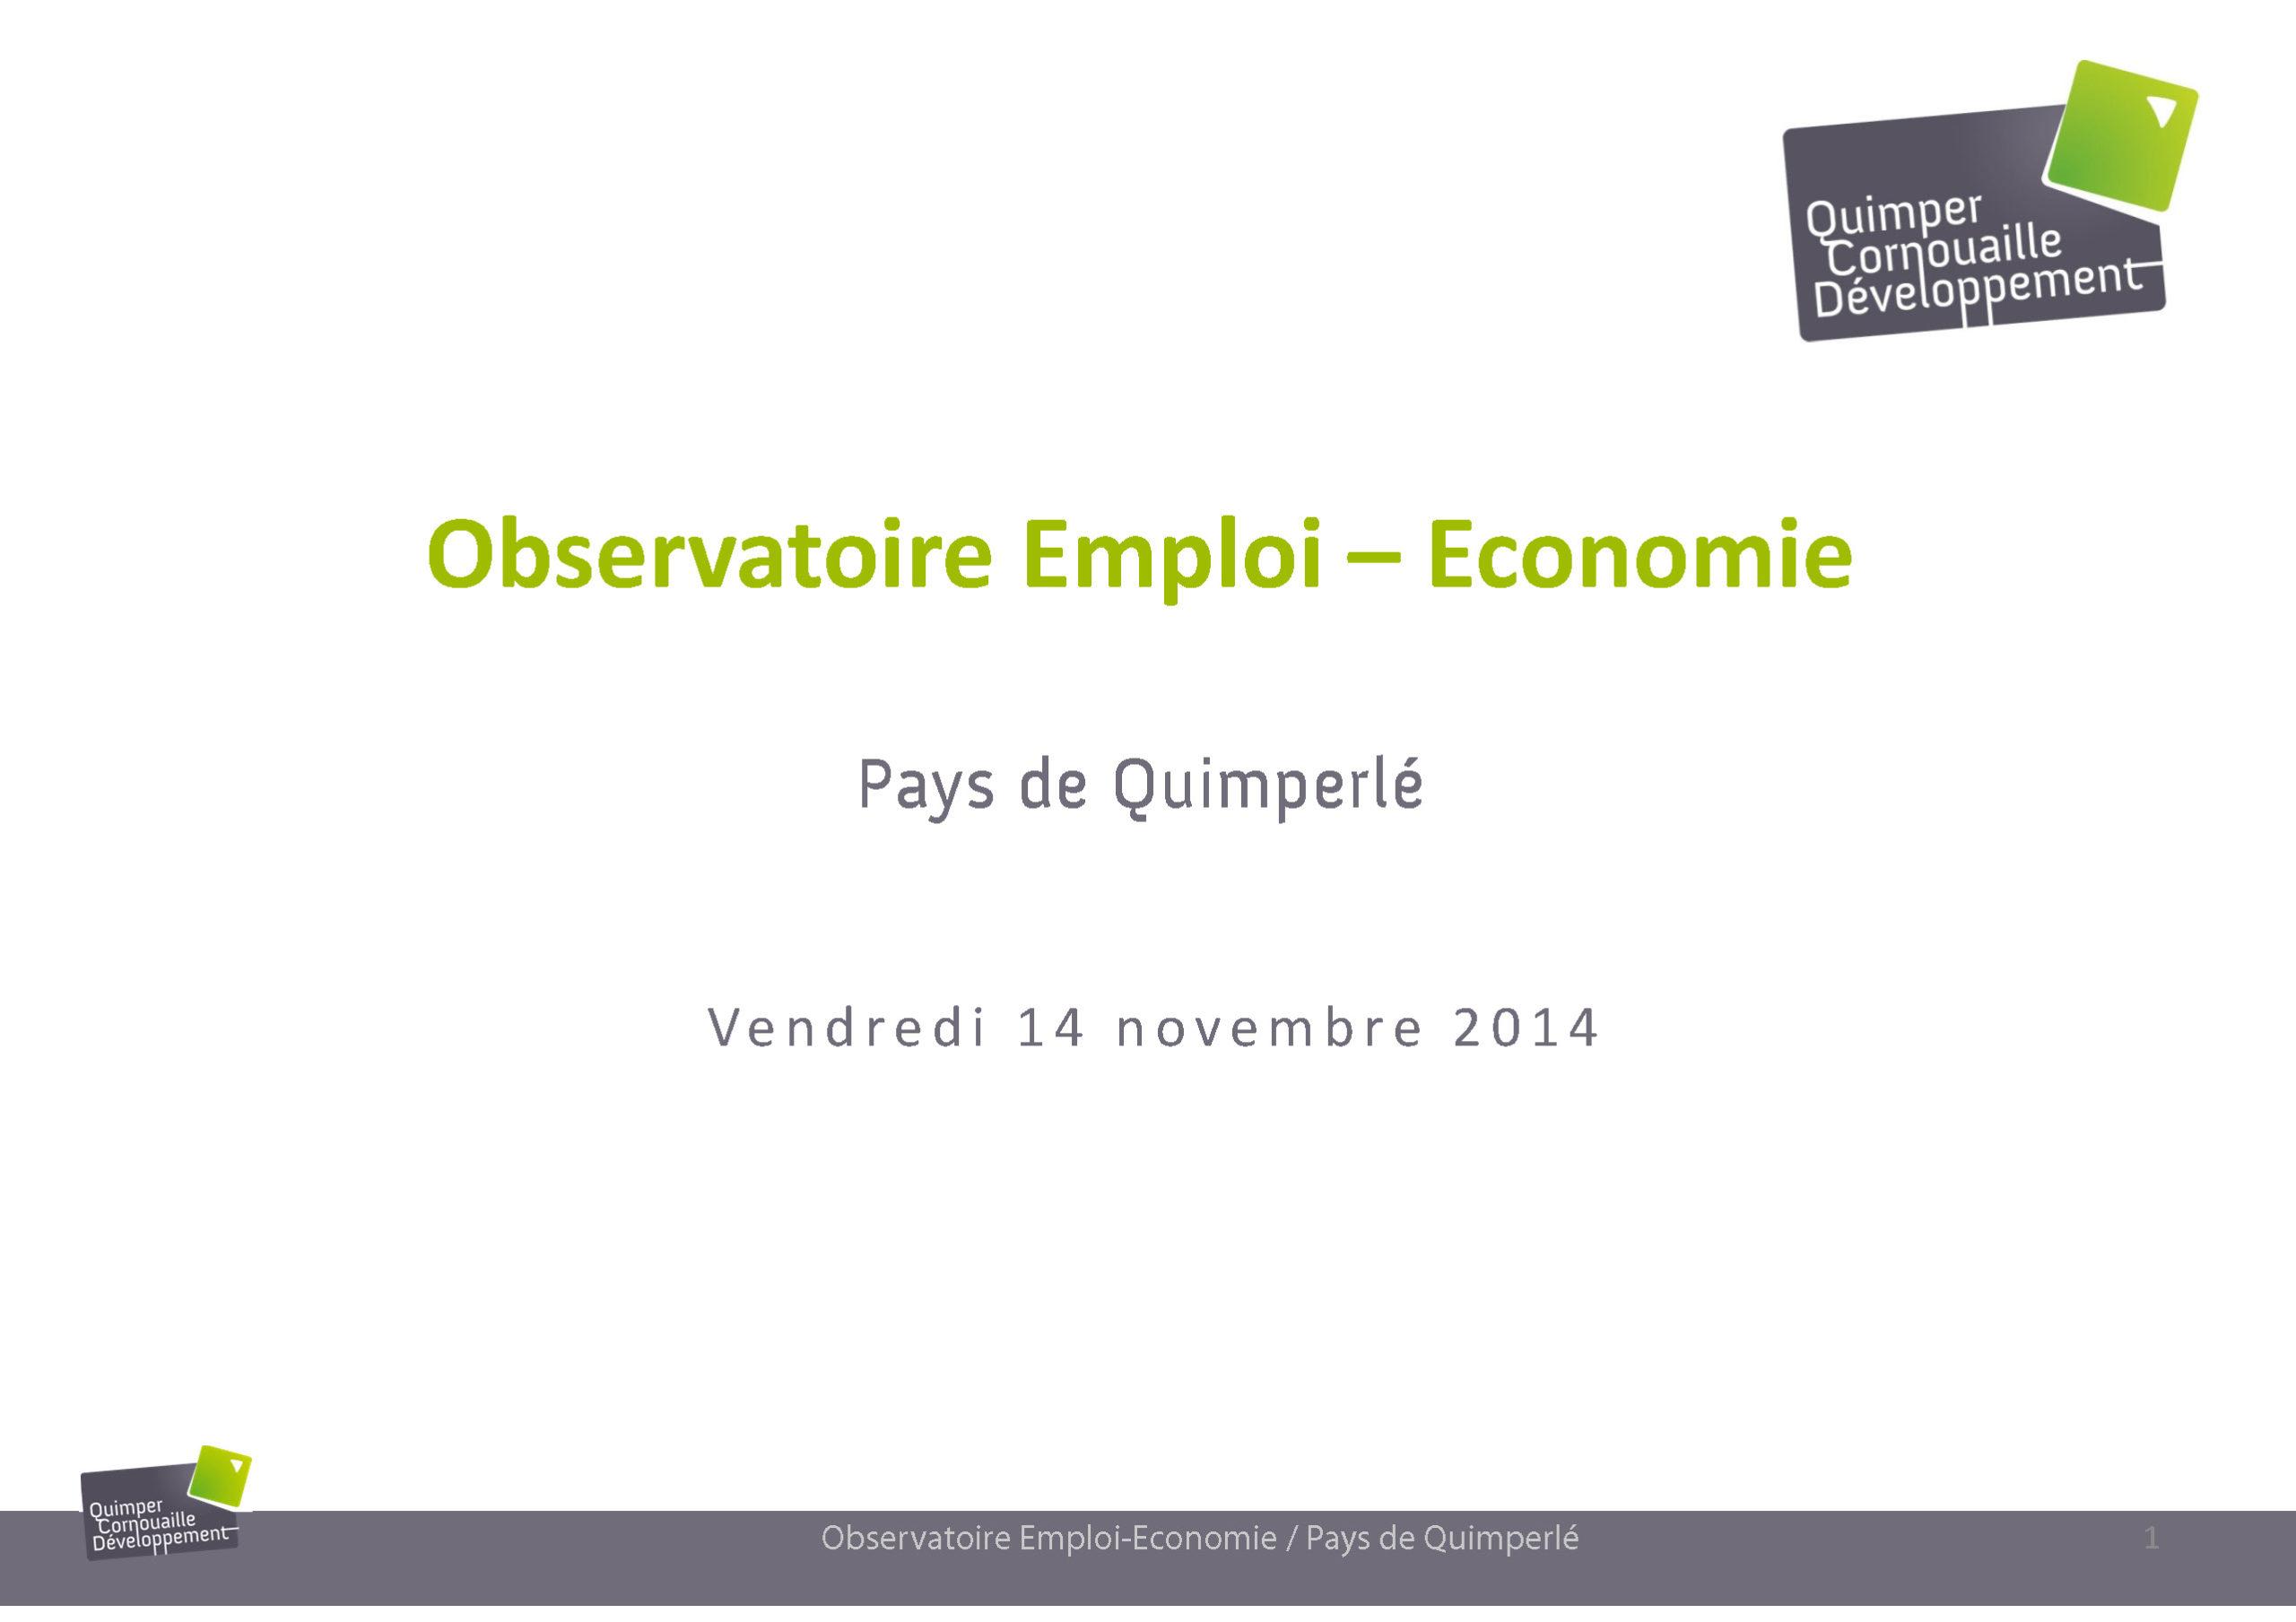 Observatoire Emploi-Economie. Pays de Quimperlé 2014 - présentation à la Cocopaq le 14 novembre 2014